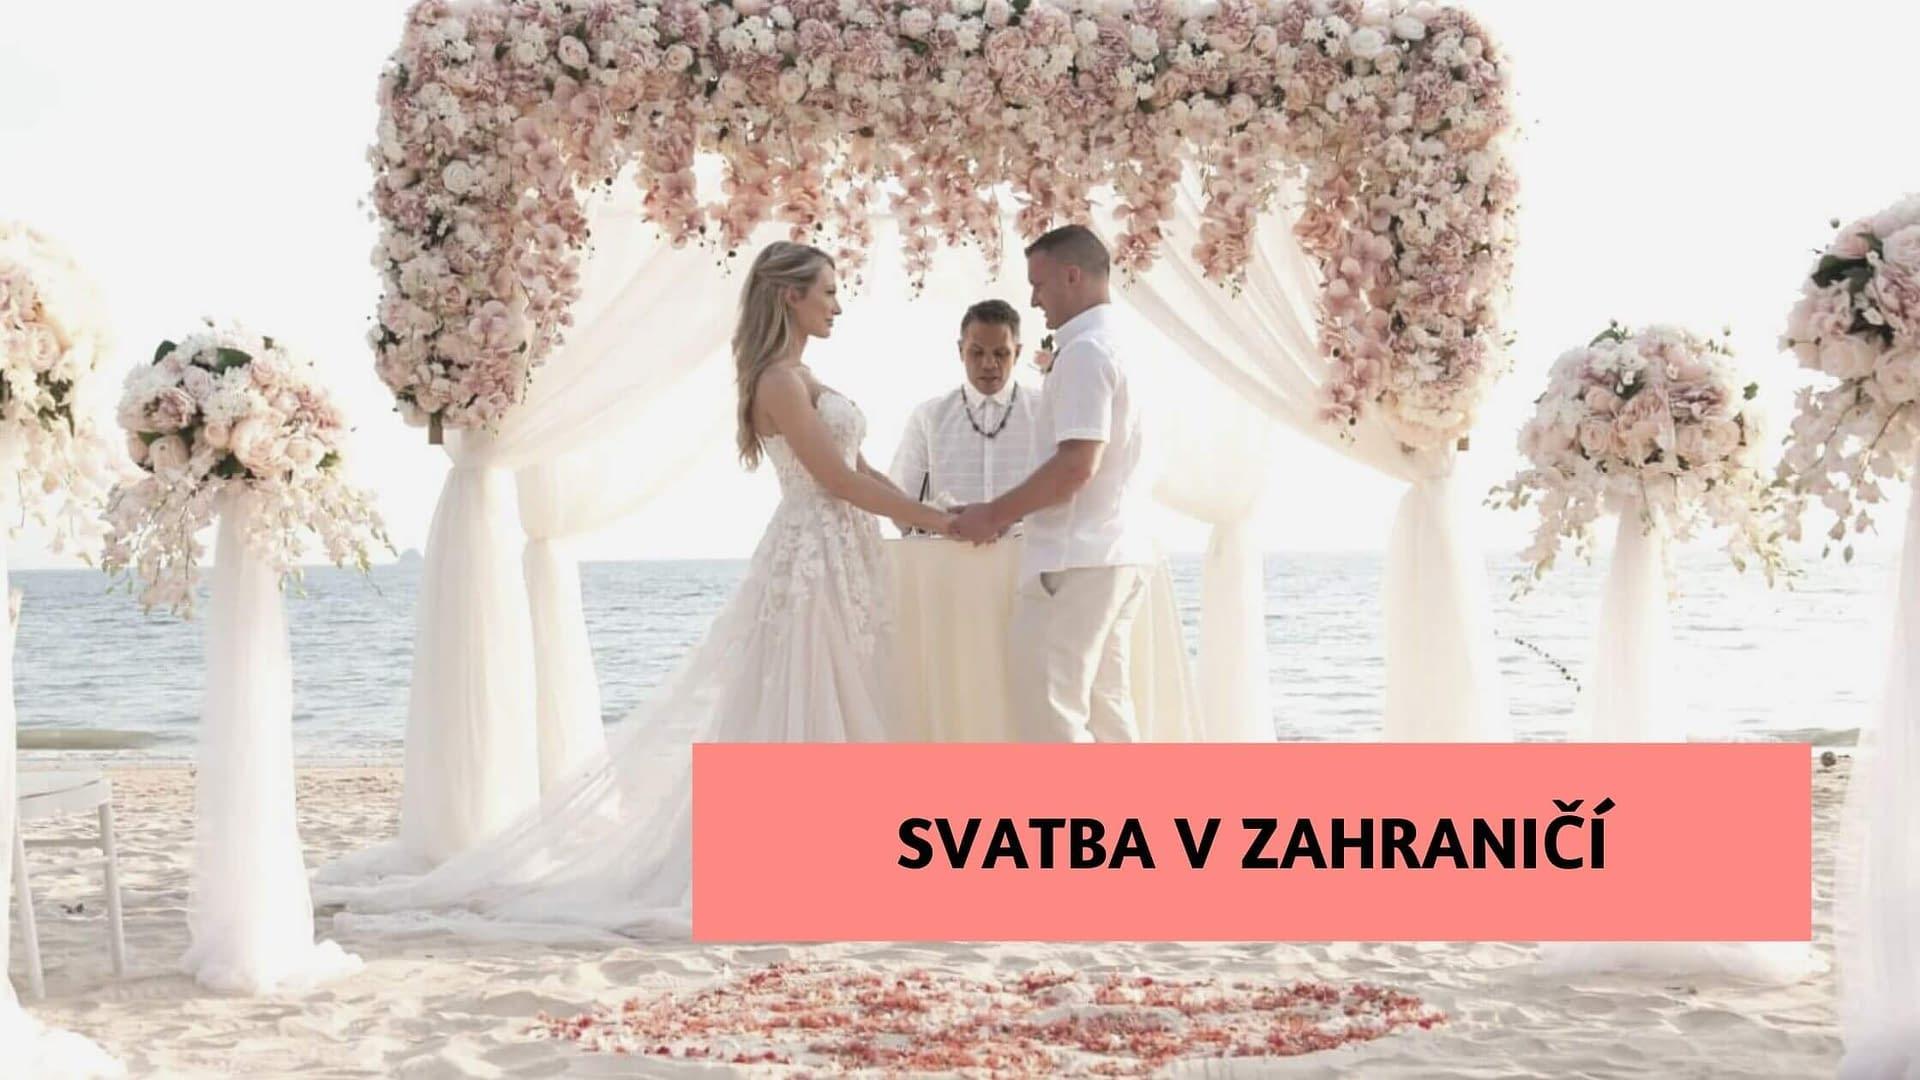 Svatba v zahraničí. Jak ji zorganizovat, aby platila i u nás?